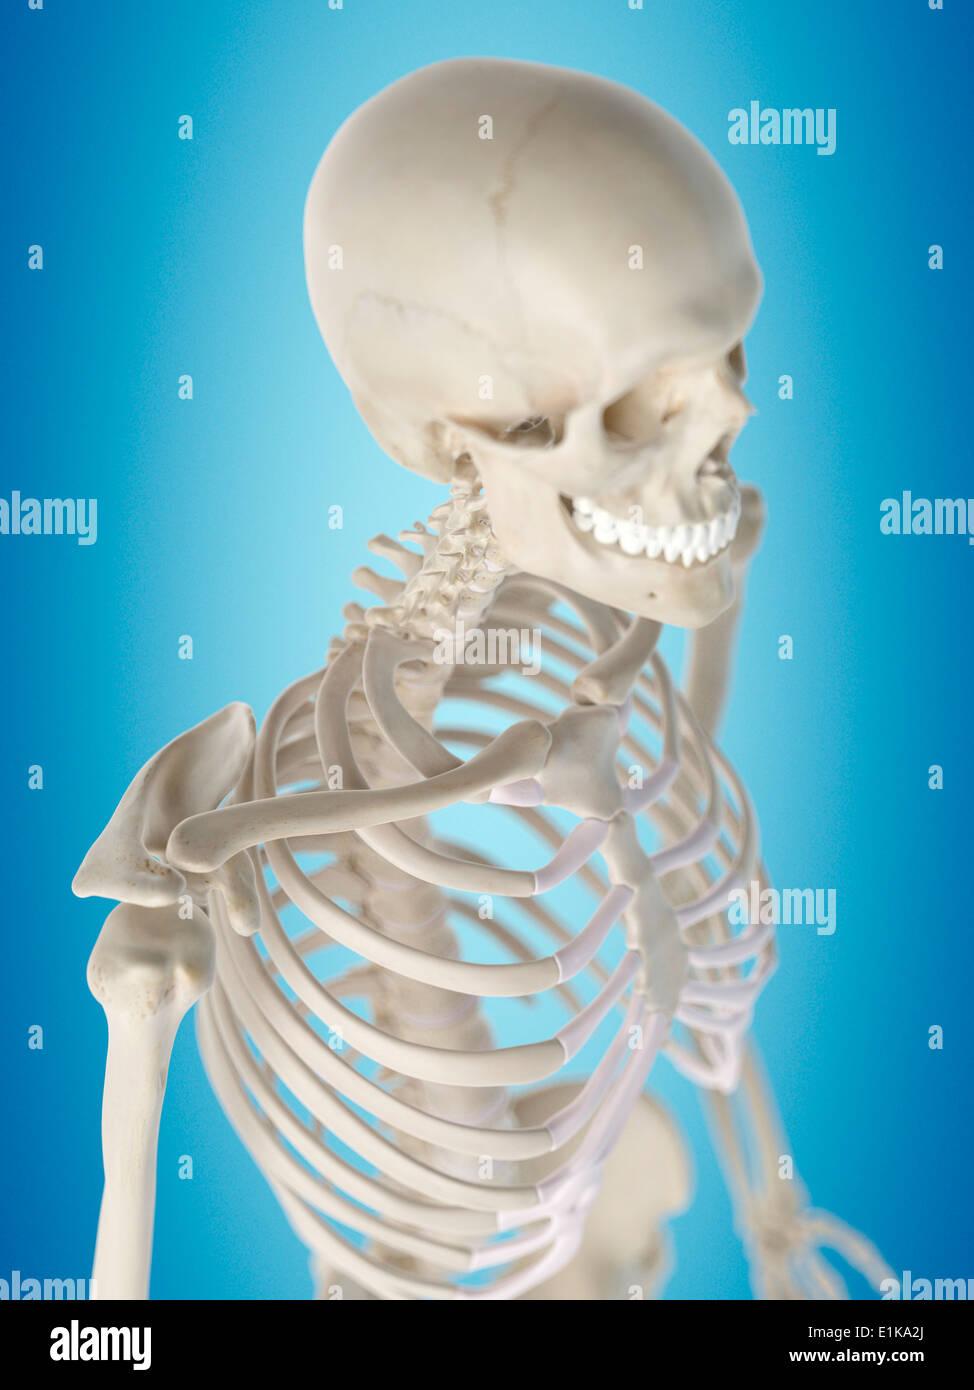 Menschlichen Brustkorb Anatomie Computer Artwork Stockfoto, Bild ...